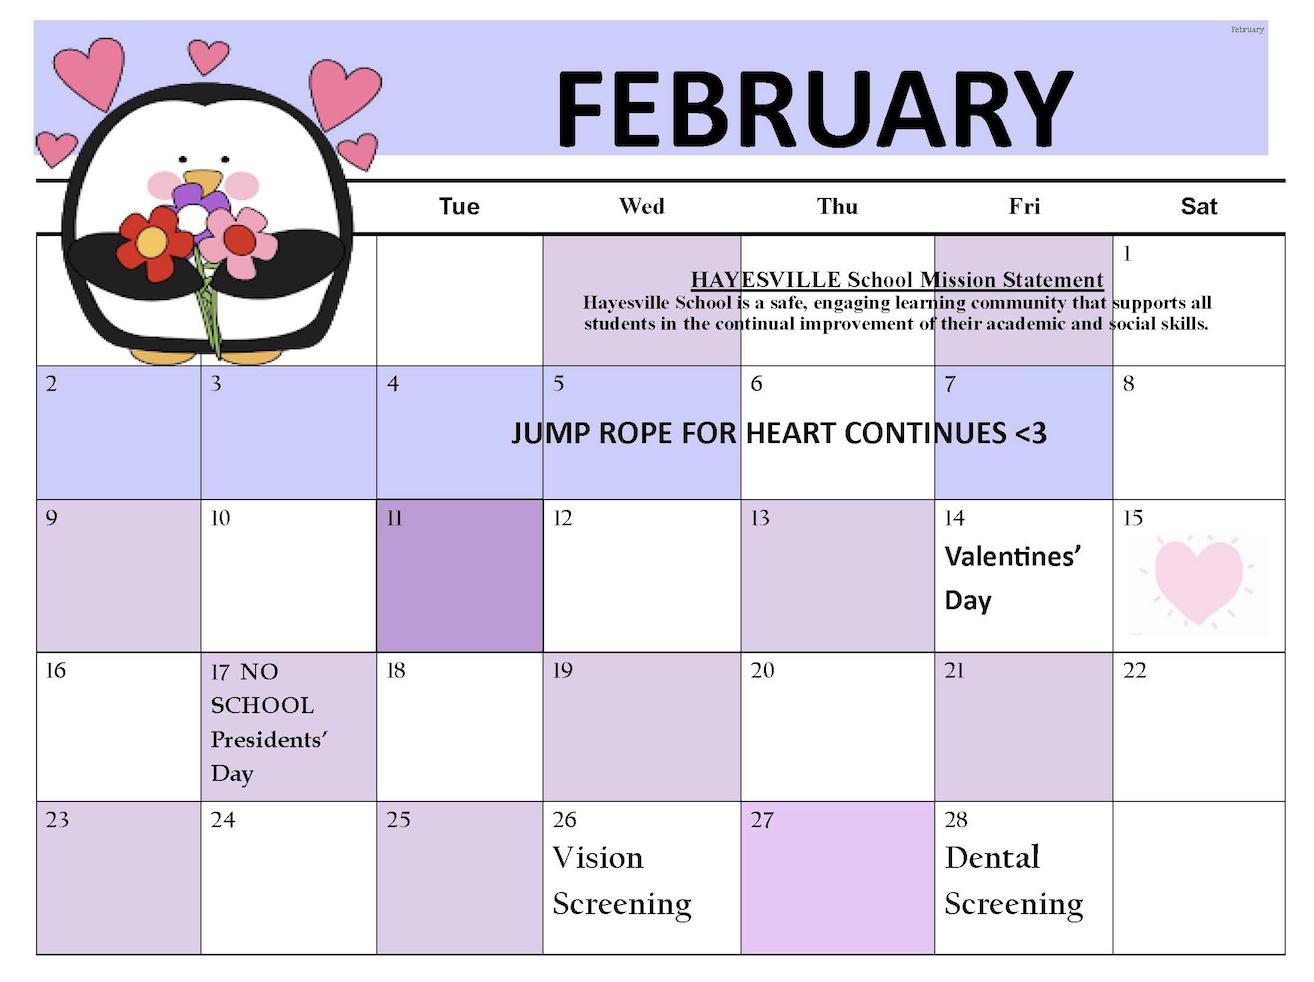 February Calendar Story Image 2020